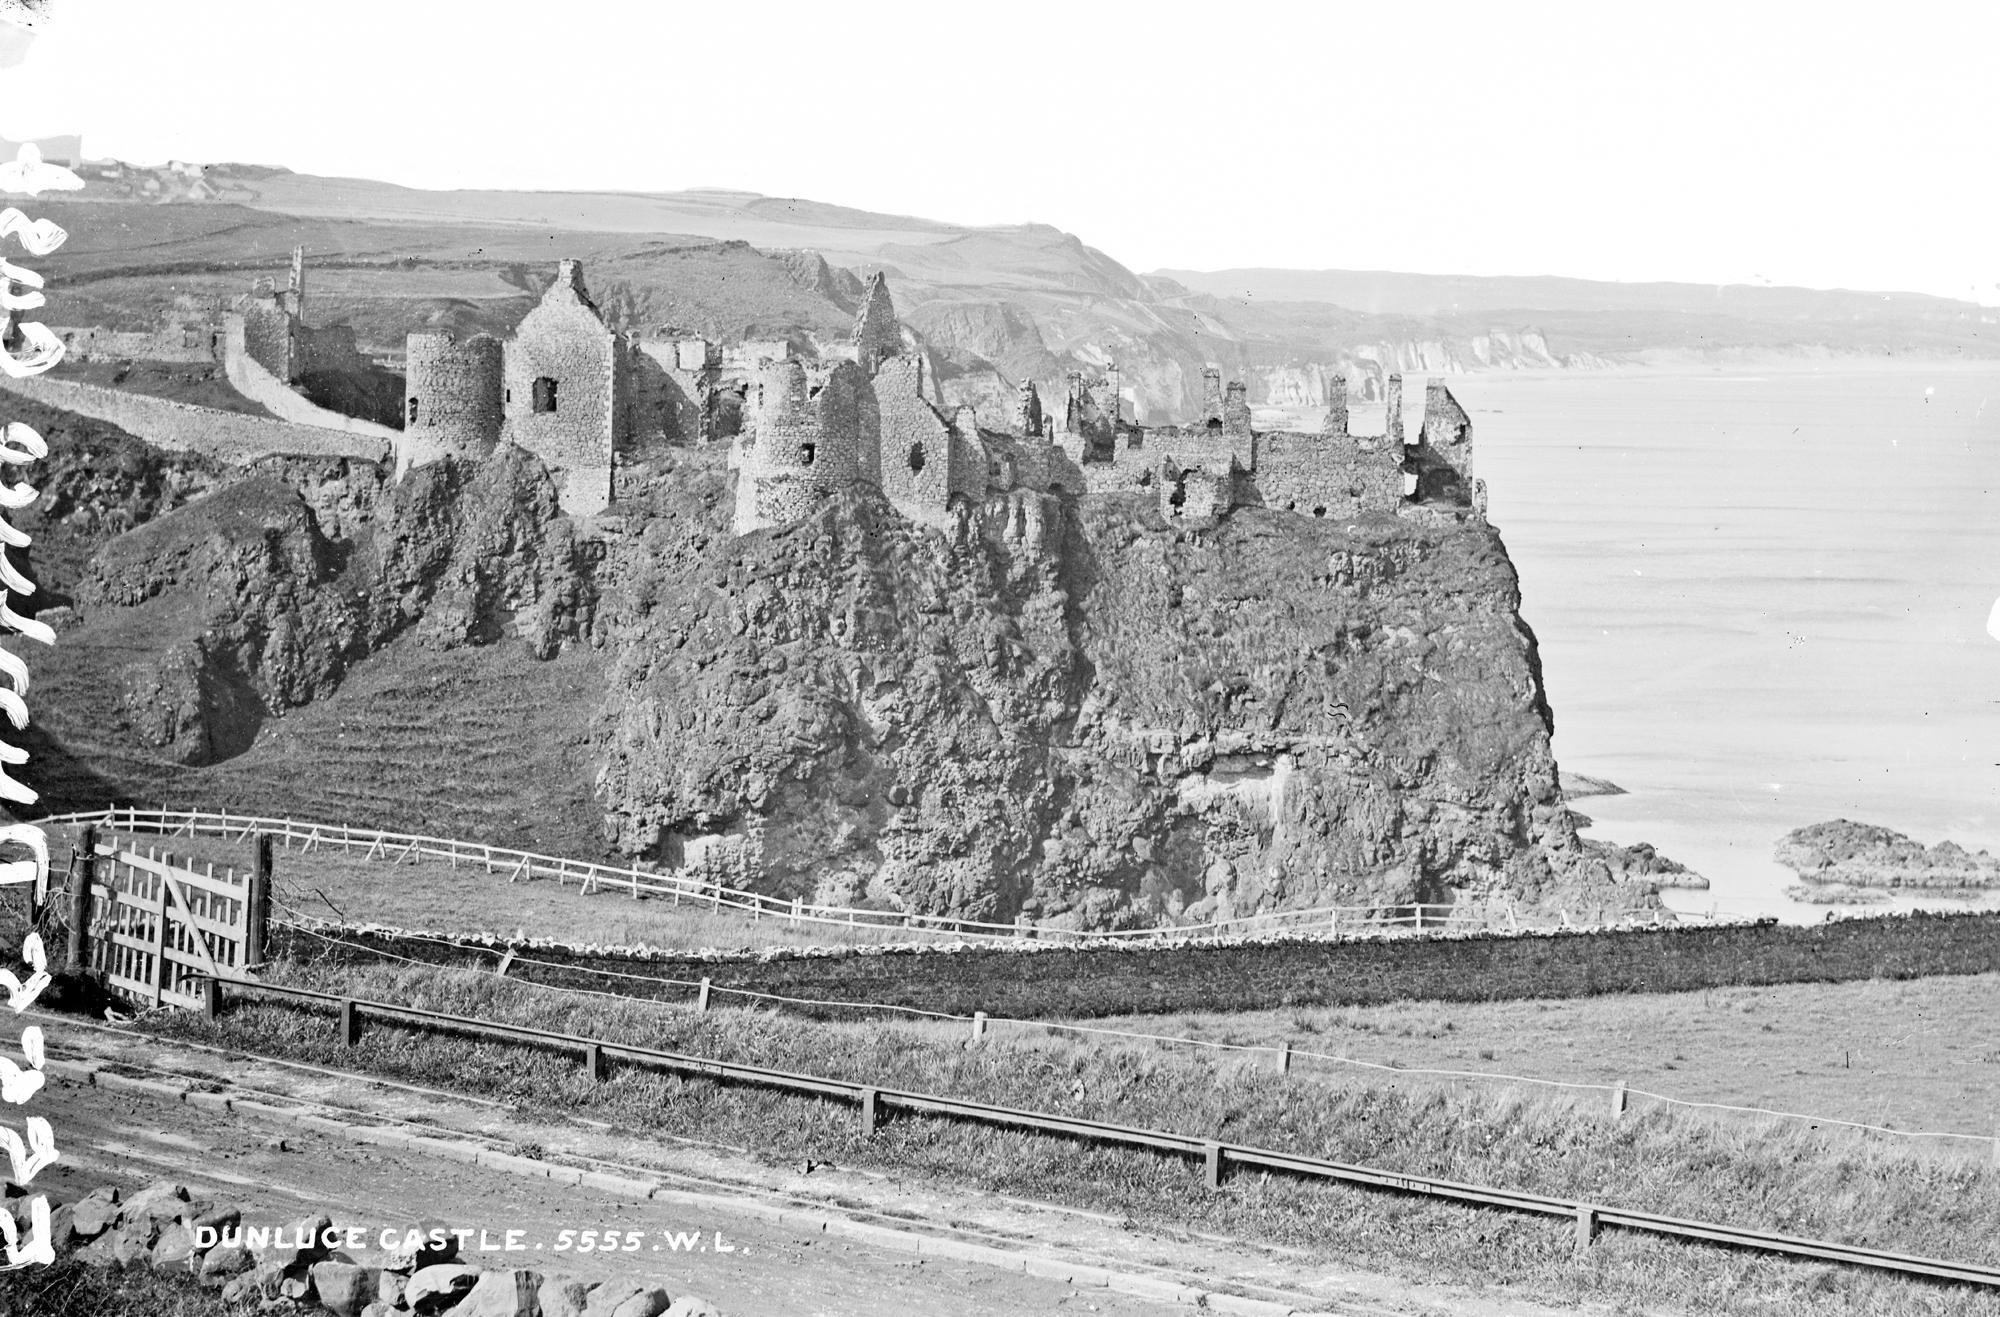 Dunluce Castle, Giant's Causeway, Co. Antrim